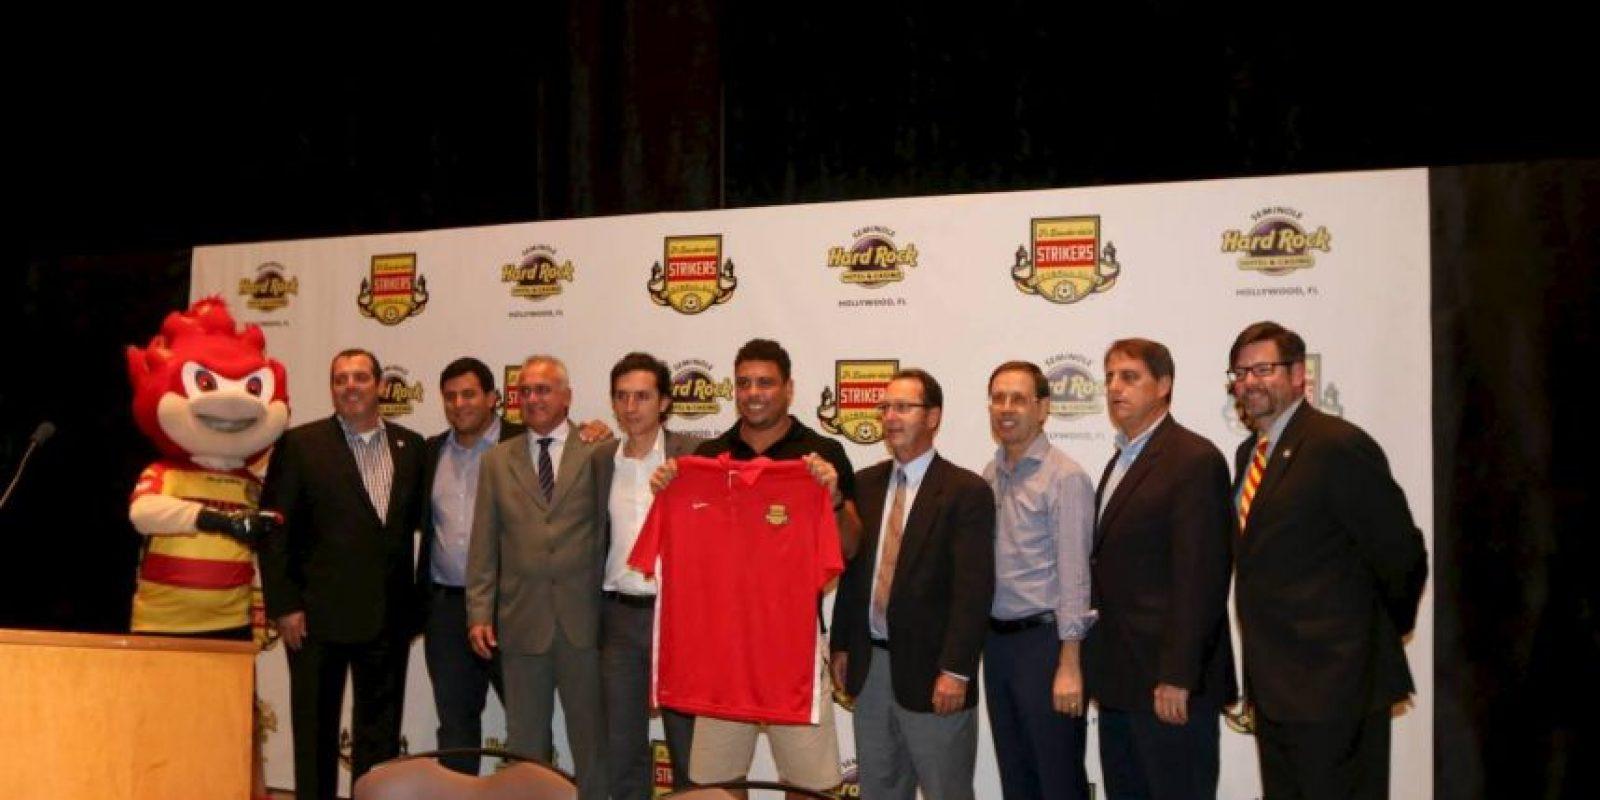 Este equipo surgió en 1972 con el nombre de Miami Gatos, y un año después cambiaron su nombre a Miami Toros. Foto:Facebook Fort Lauderdale Strikers